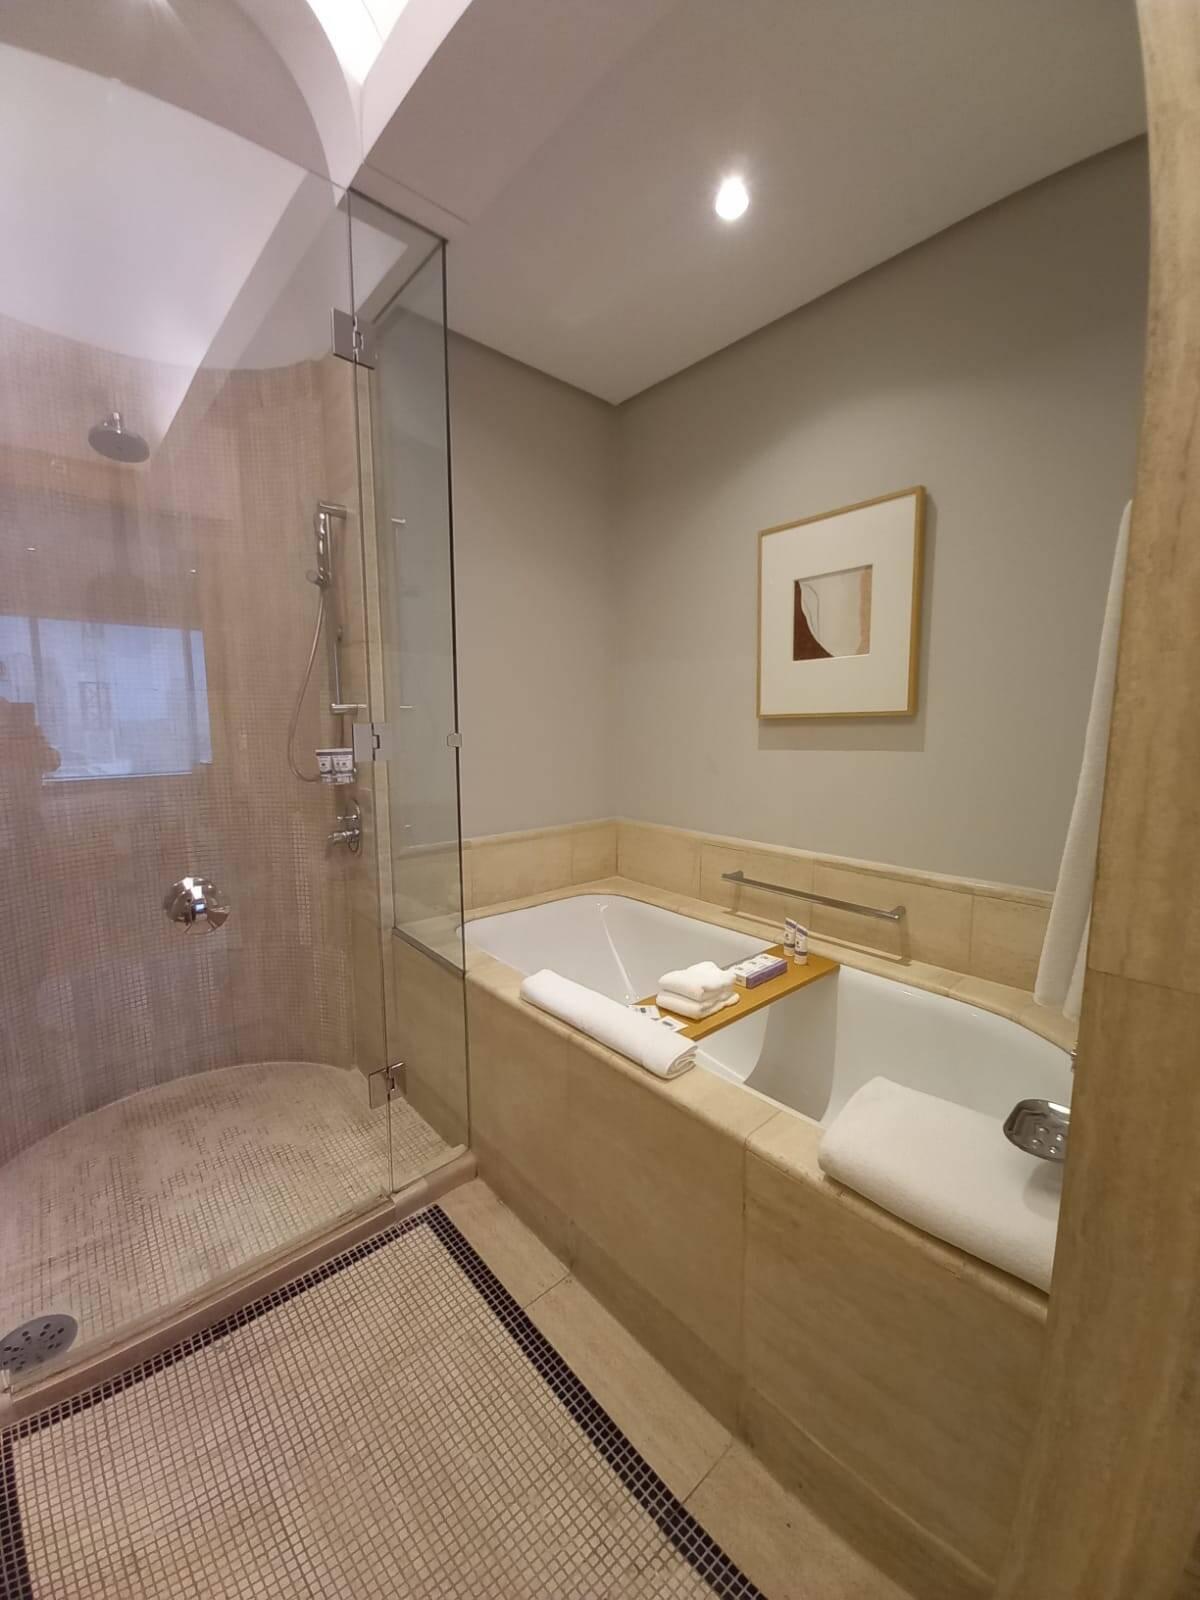 Espaço do banheiro em que estão a banheira e o chuveiro. Foto: Portal iG/Camila Cetrone